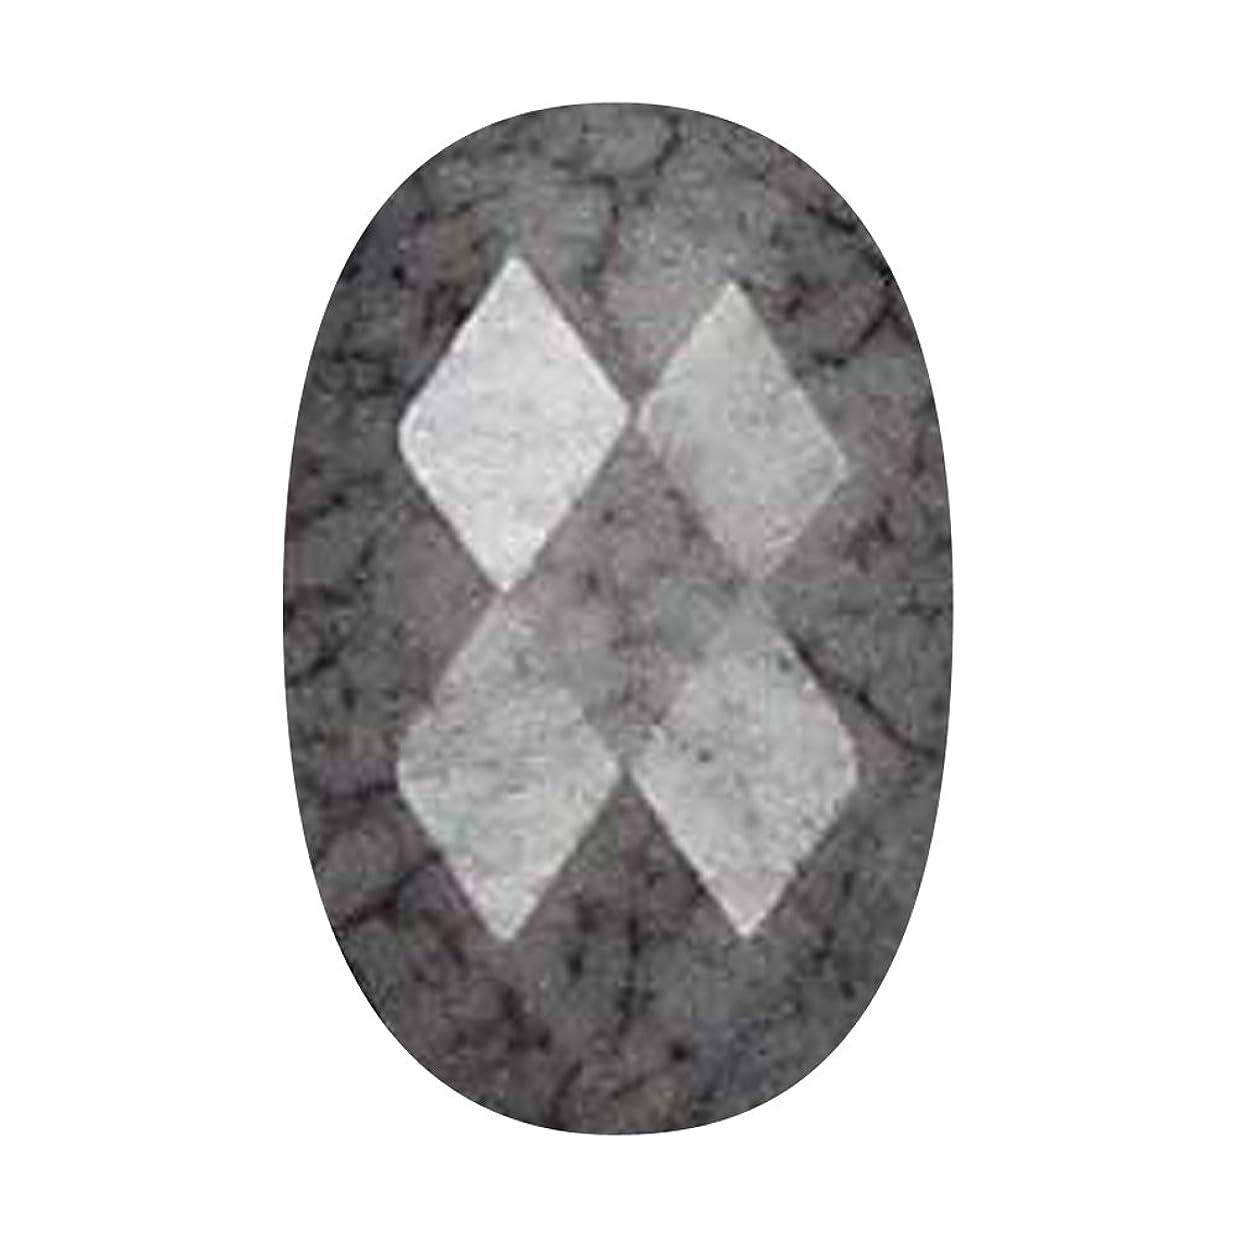 目覚める永遠にホステスMpetit B677 ビジュー スレートグレイ 20P マーキス?カットの大理石風ストーン アート材